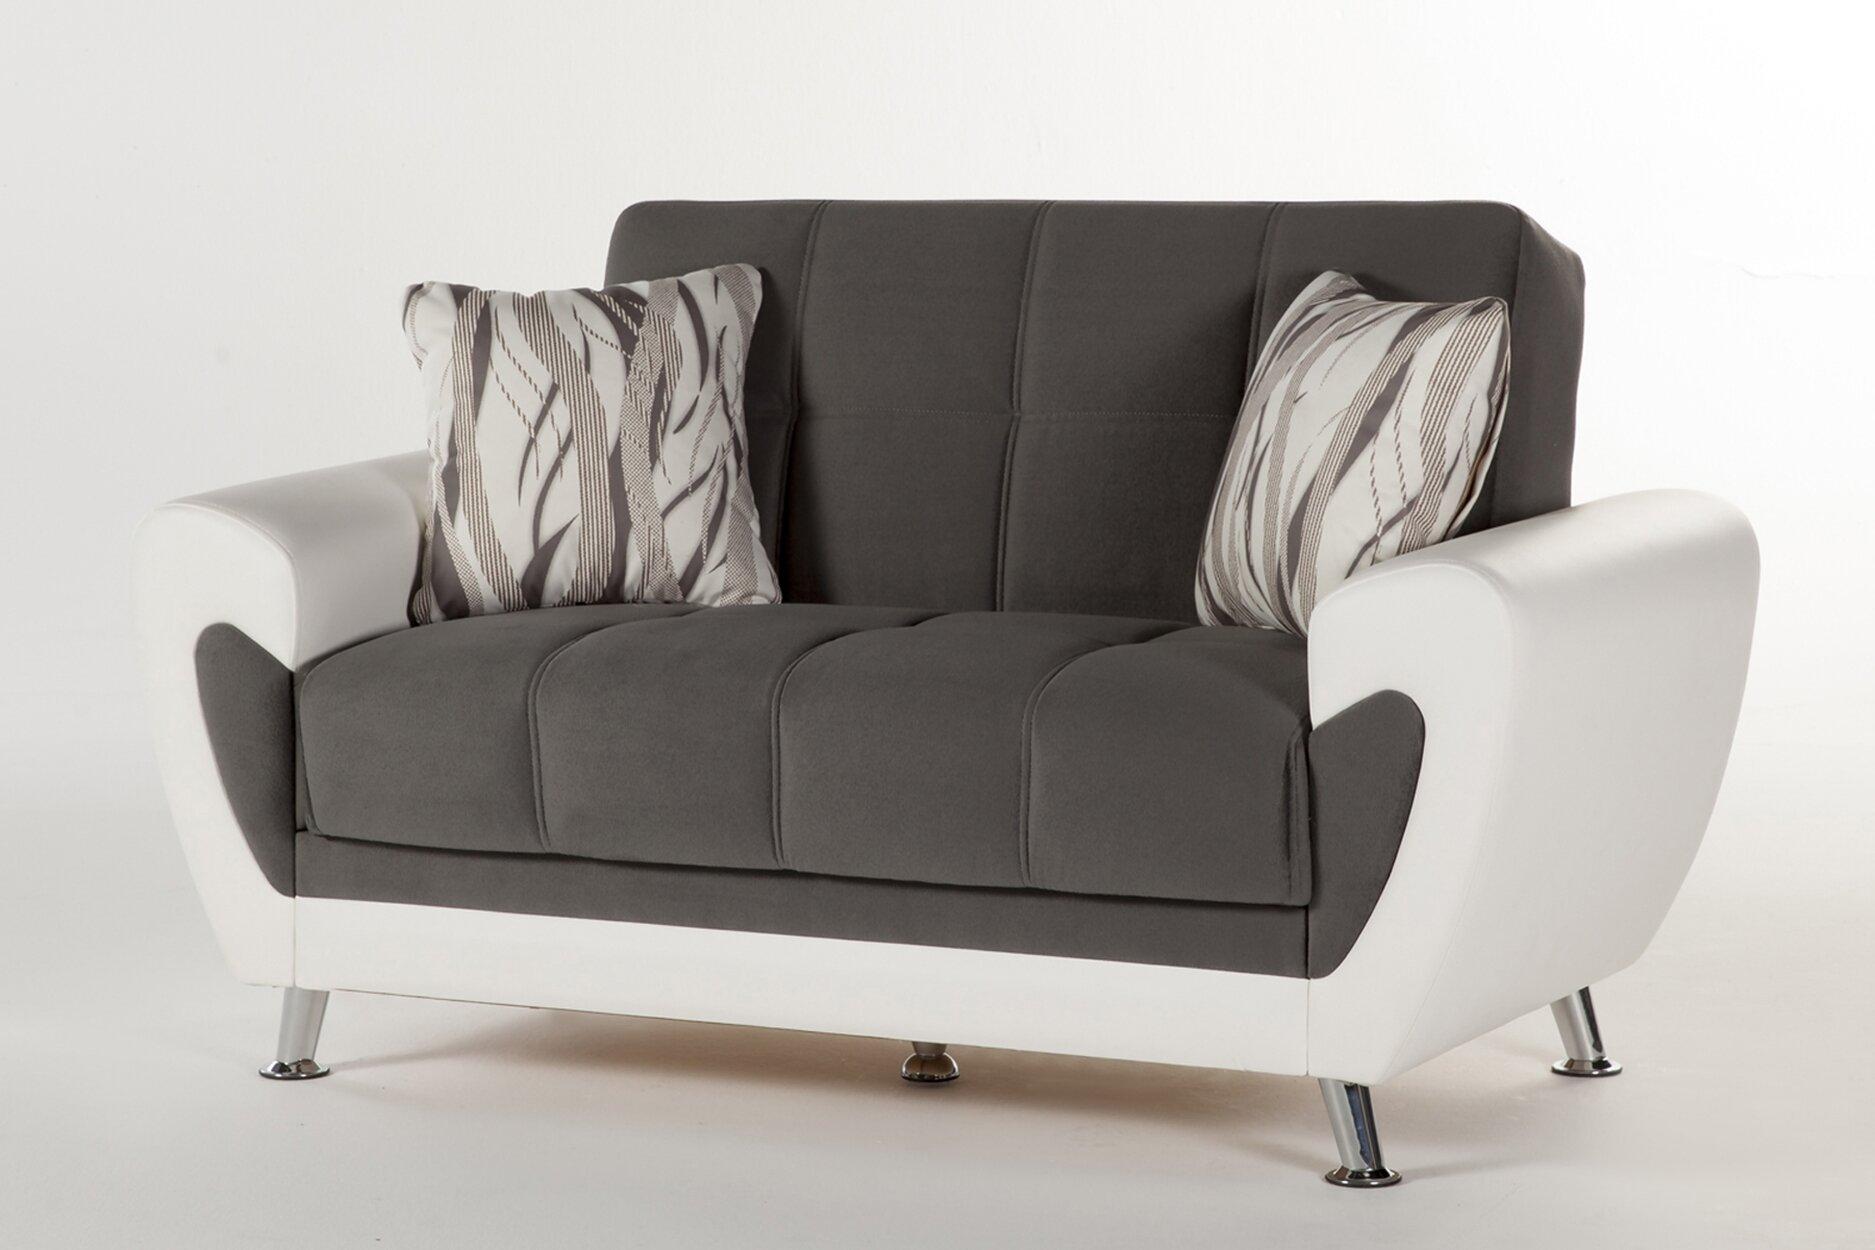 https://secure.img1-fg.wfcdn.com/im/29844344/resize-hundefined-wundefined%5Ecompr-r85/1233/123385096/Beni+Microfiber+61%2522+Flared+Arm+Sofa+Bed.jpg